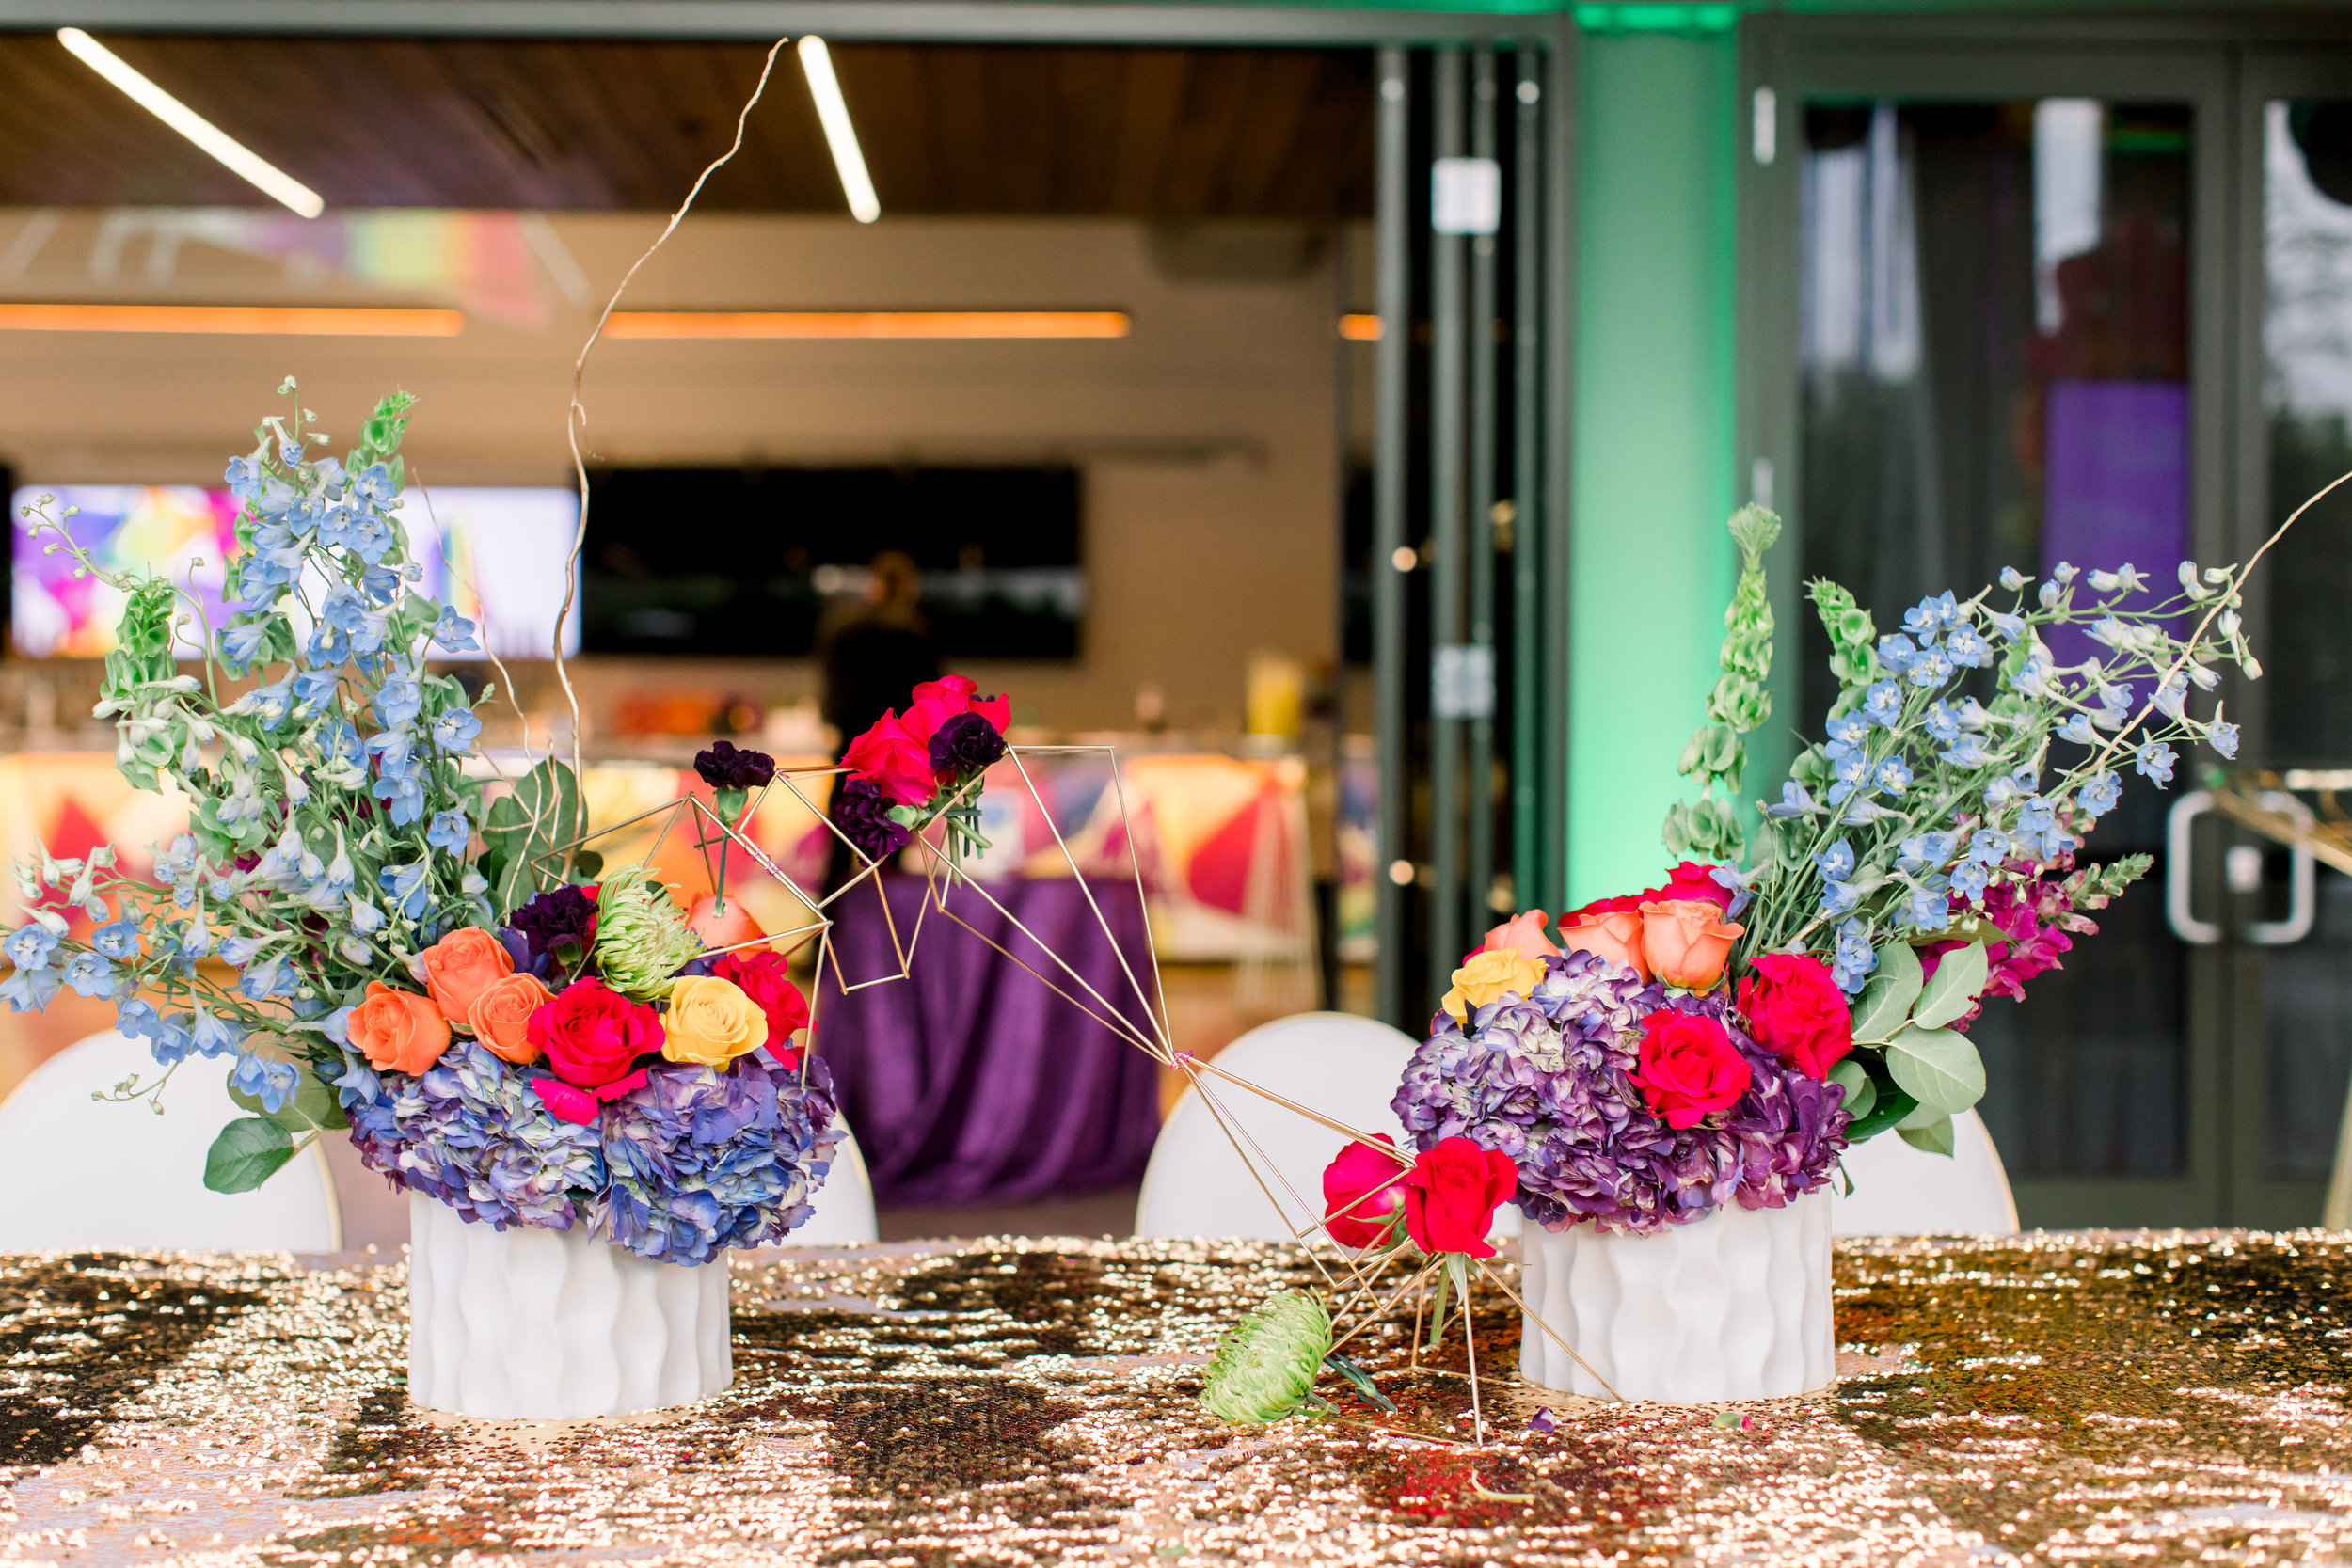 12 rainbow flowers geometric centerpieces gold shape flower centerpiece gold mermaid sequin table cloth Life Design Events photos by Stephanie Heymann Photography.jpg